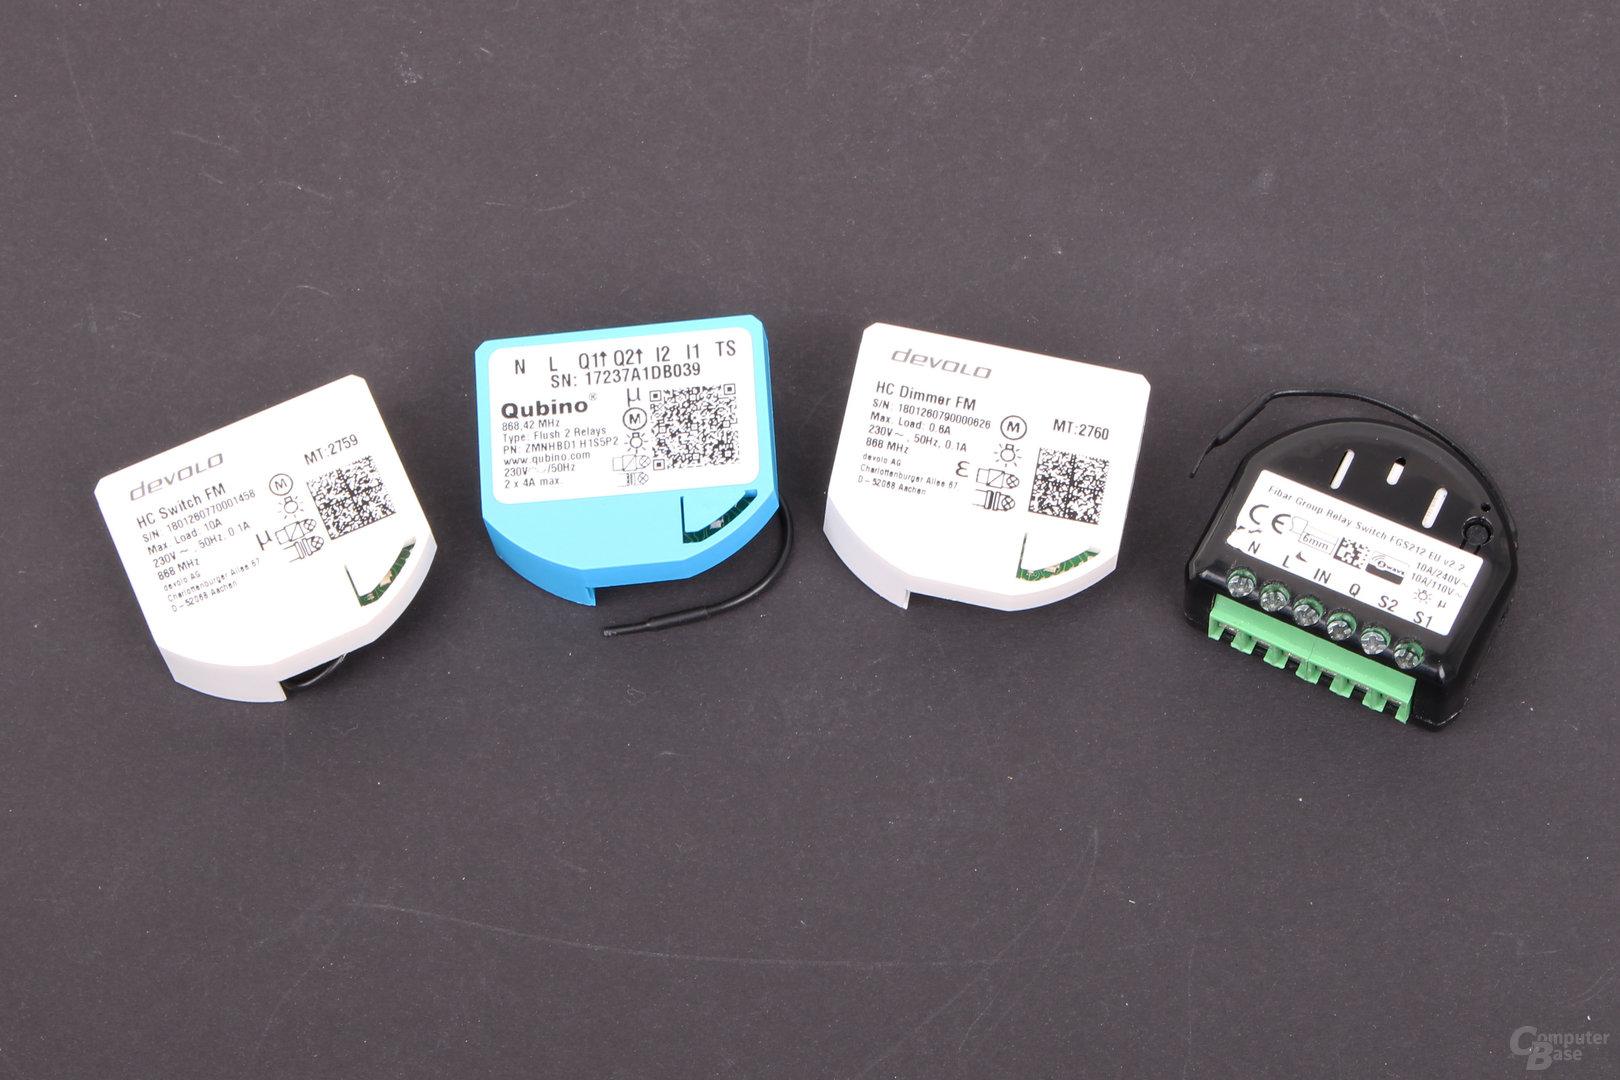 Devolo Home Control Schalter & Dimmer, Fibaro FGS-212 und Qubino Flush 2 Relay